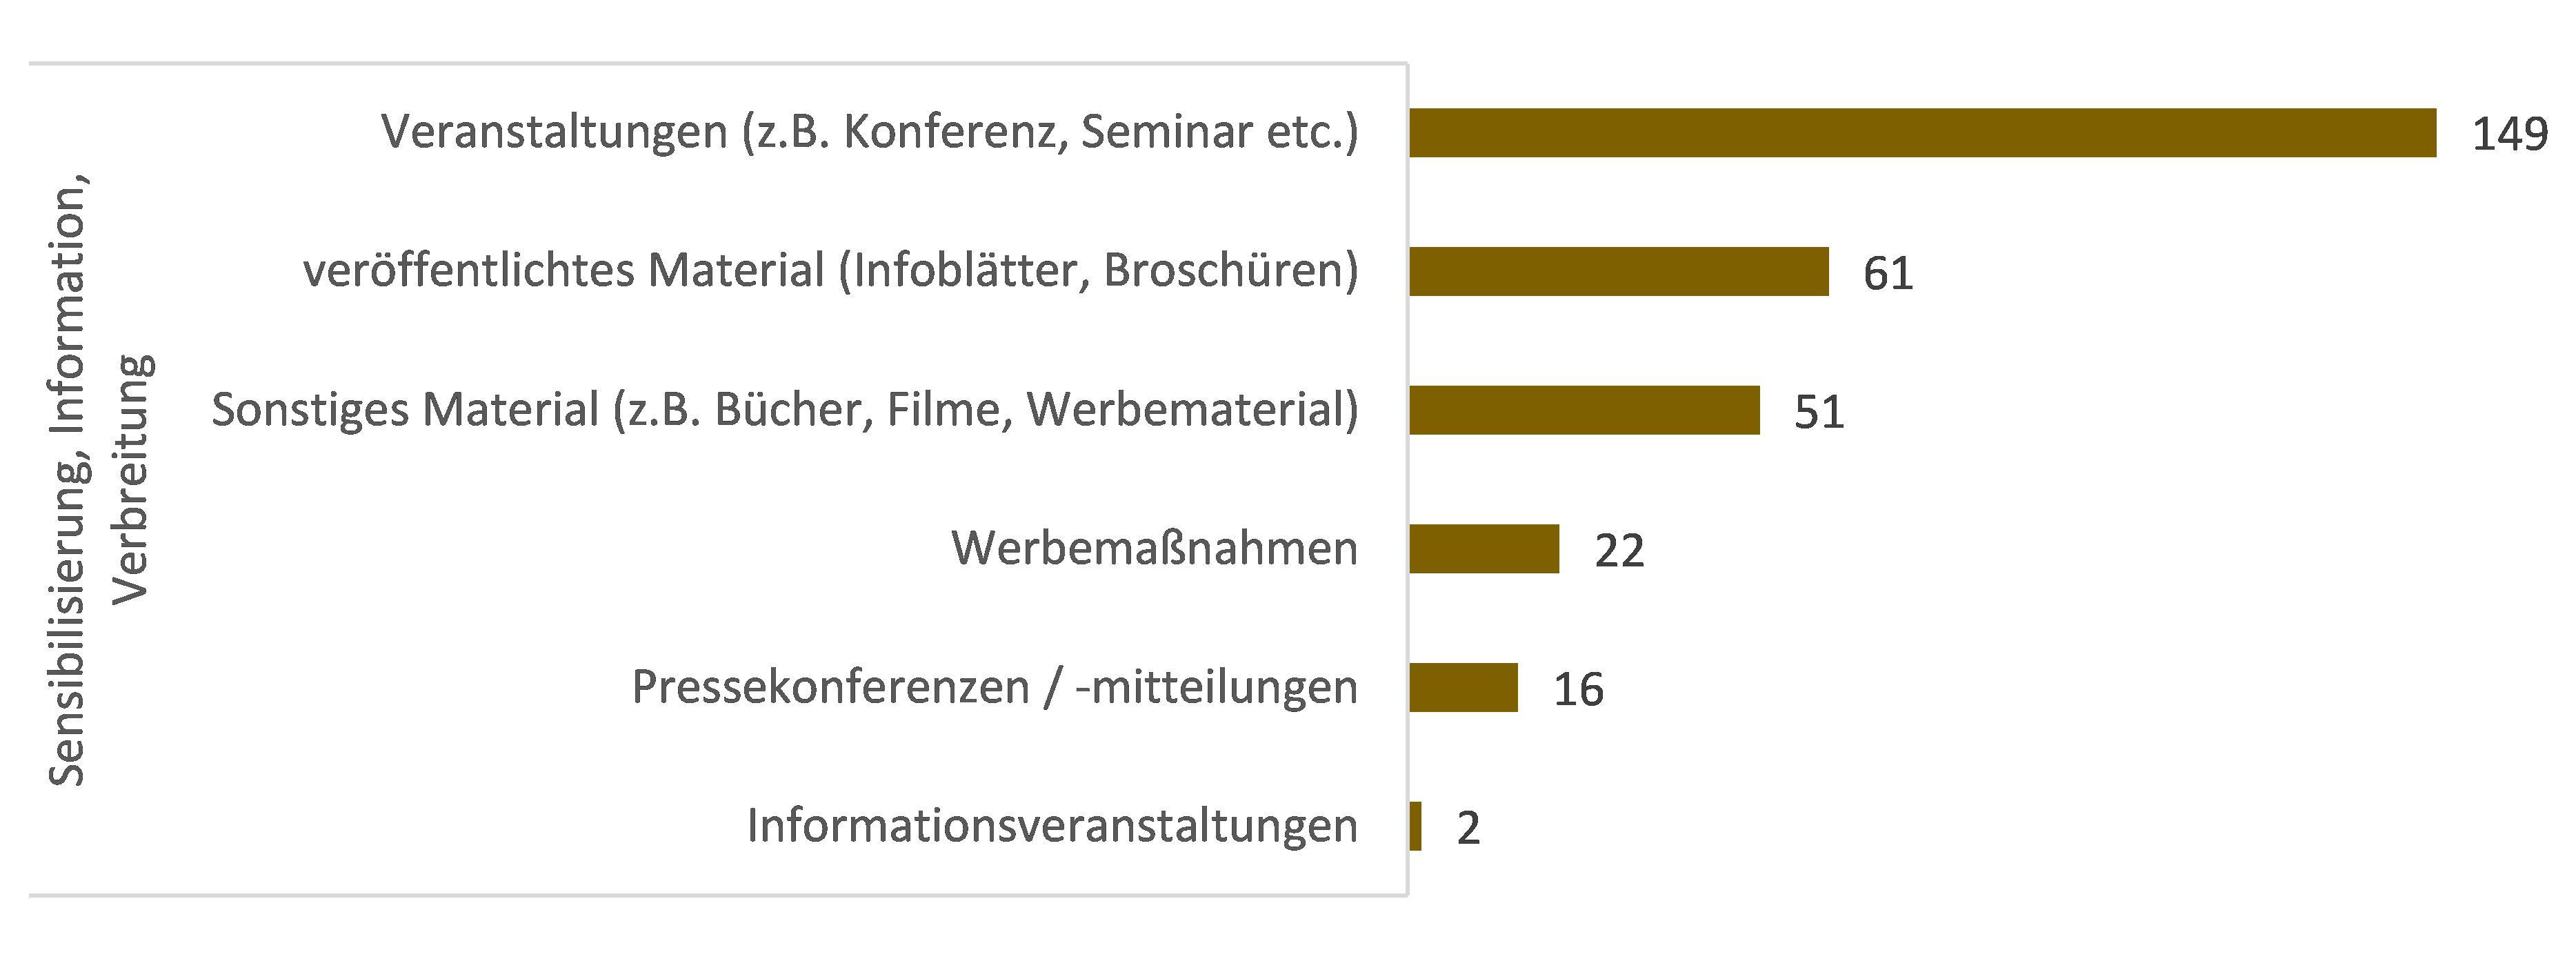 Groß Bestandskoordinator Fortsetzungsformat Bilder - Entry Level ...